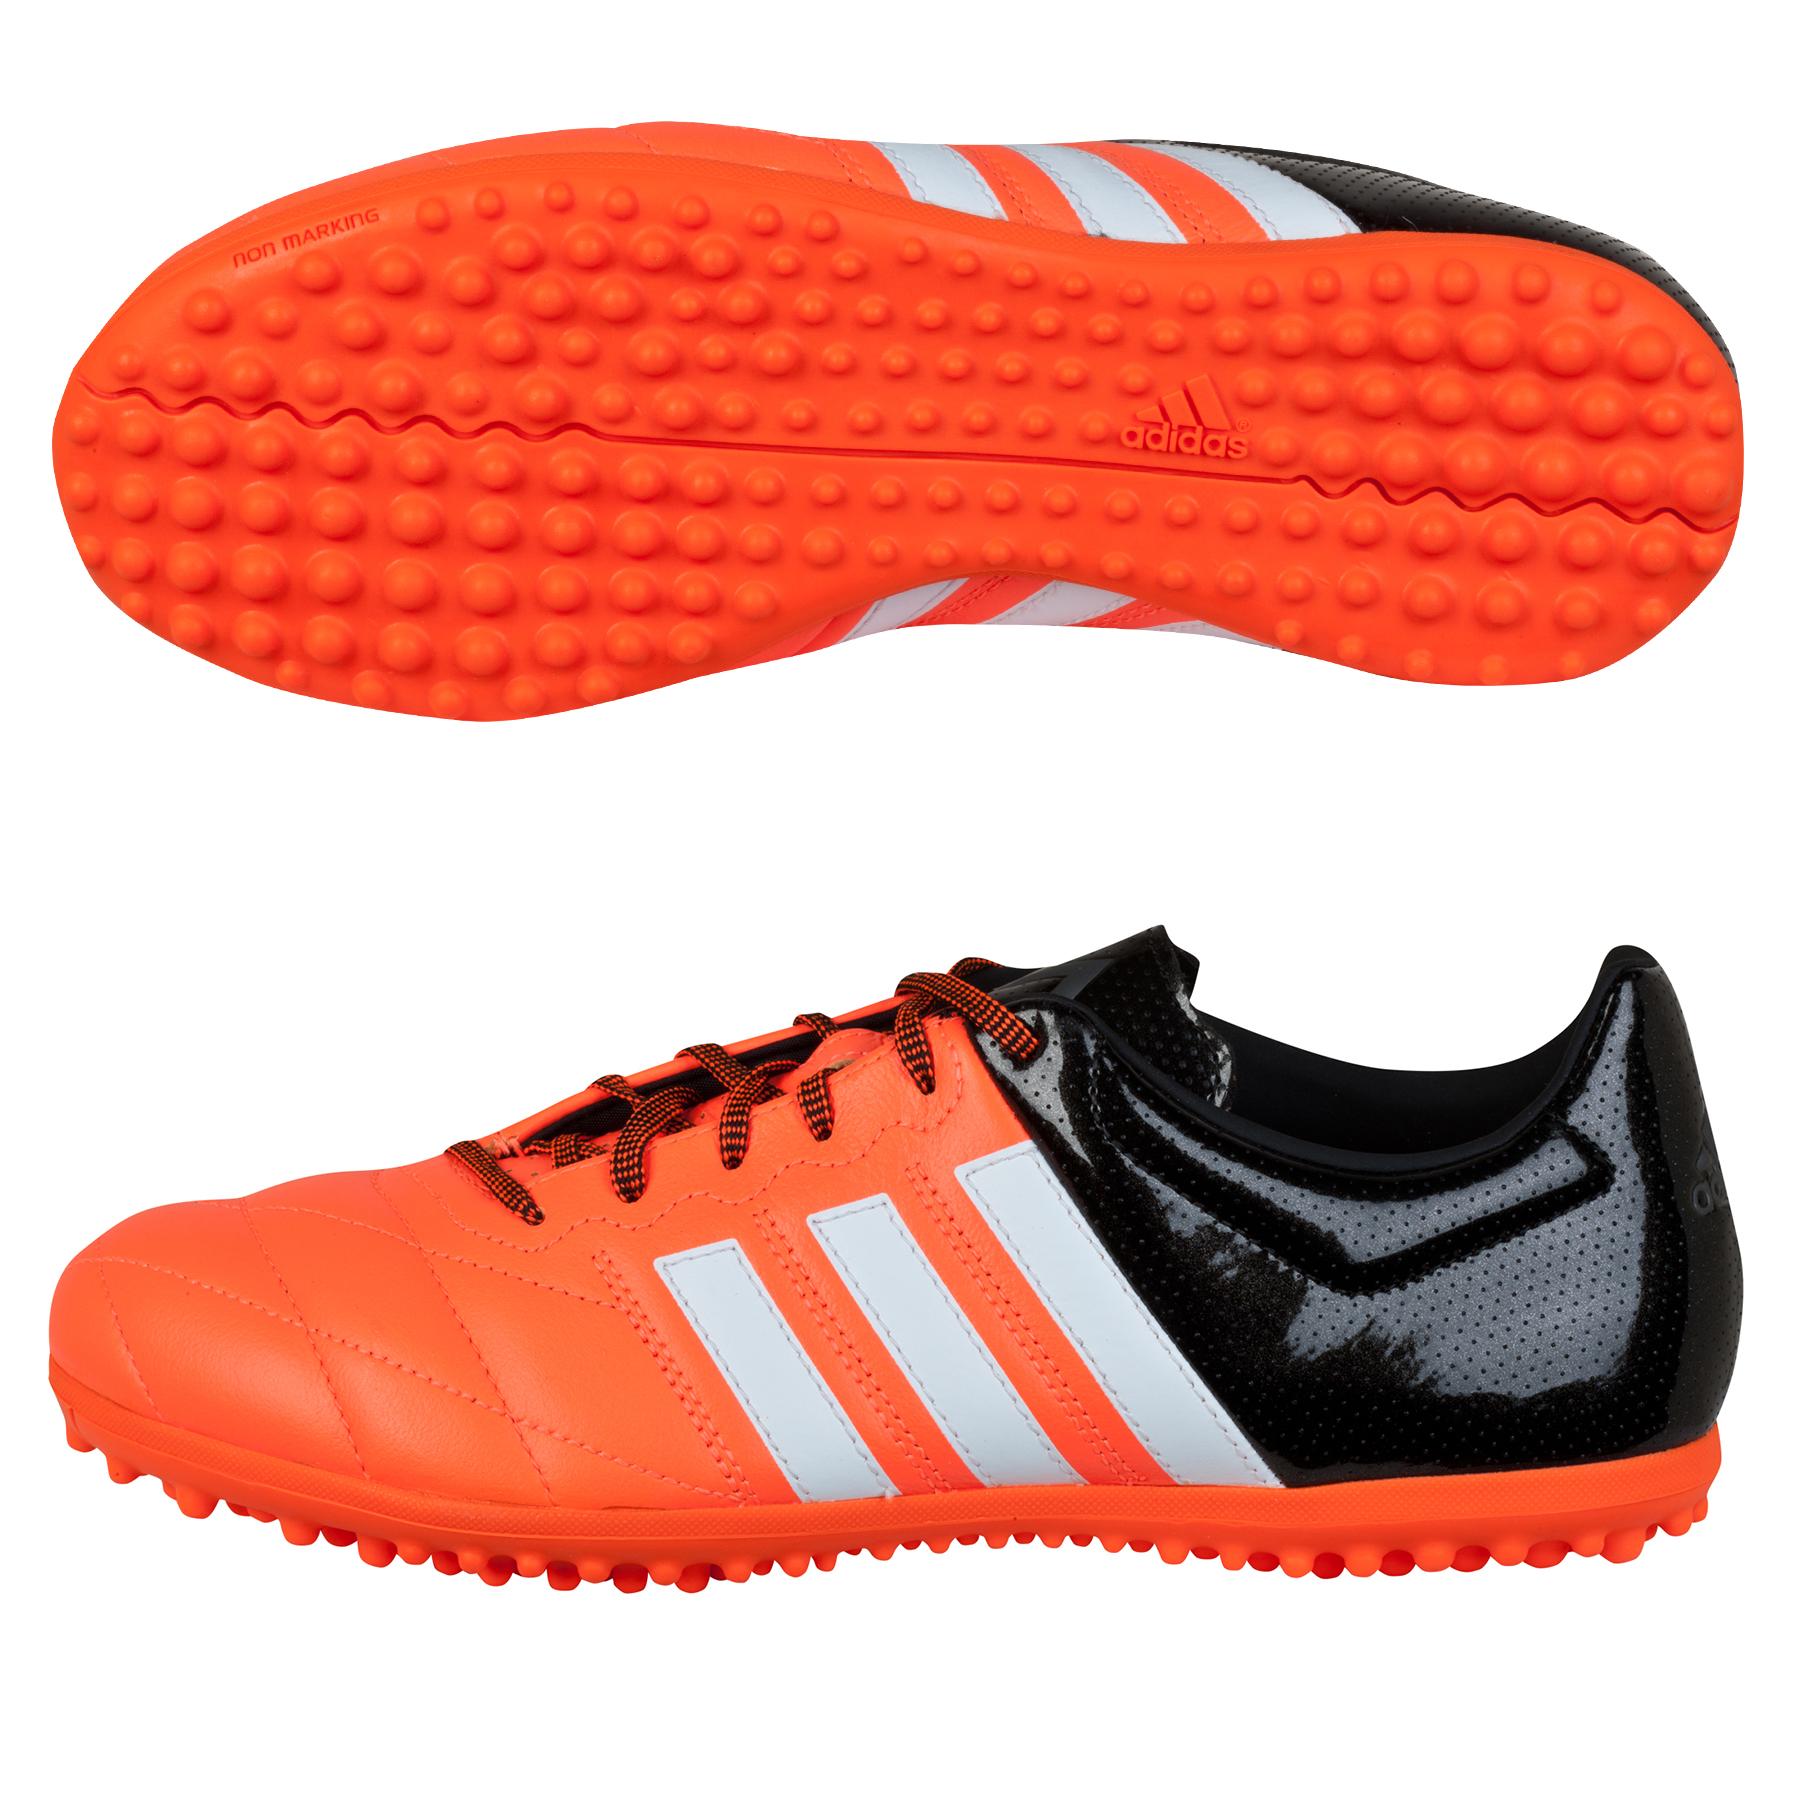 adidas ACE 15.3 Leather Astroturf Trainers – Kids Orange